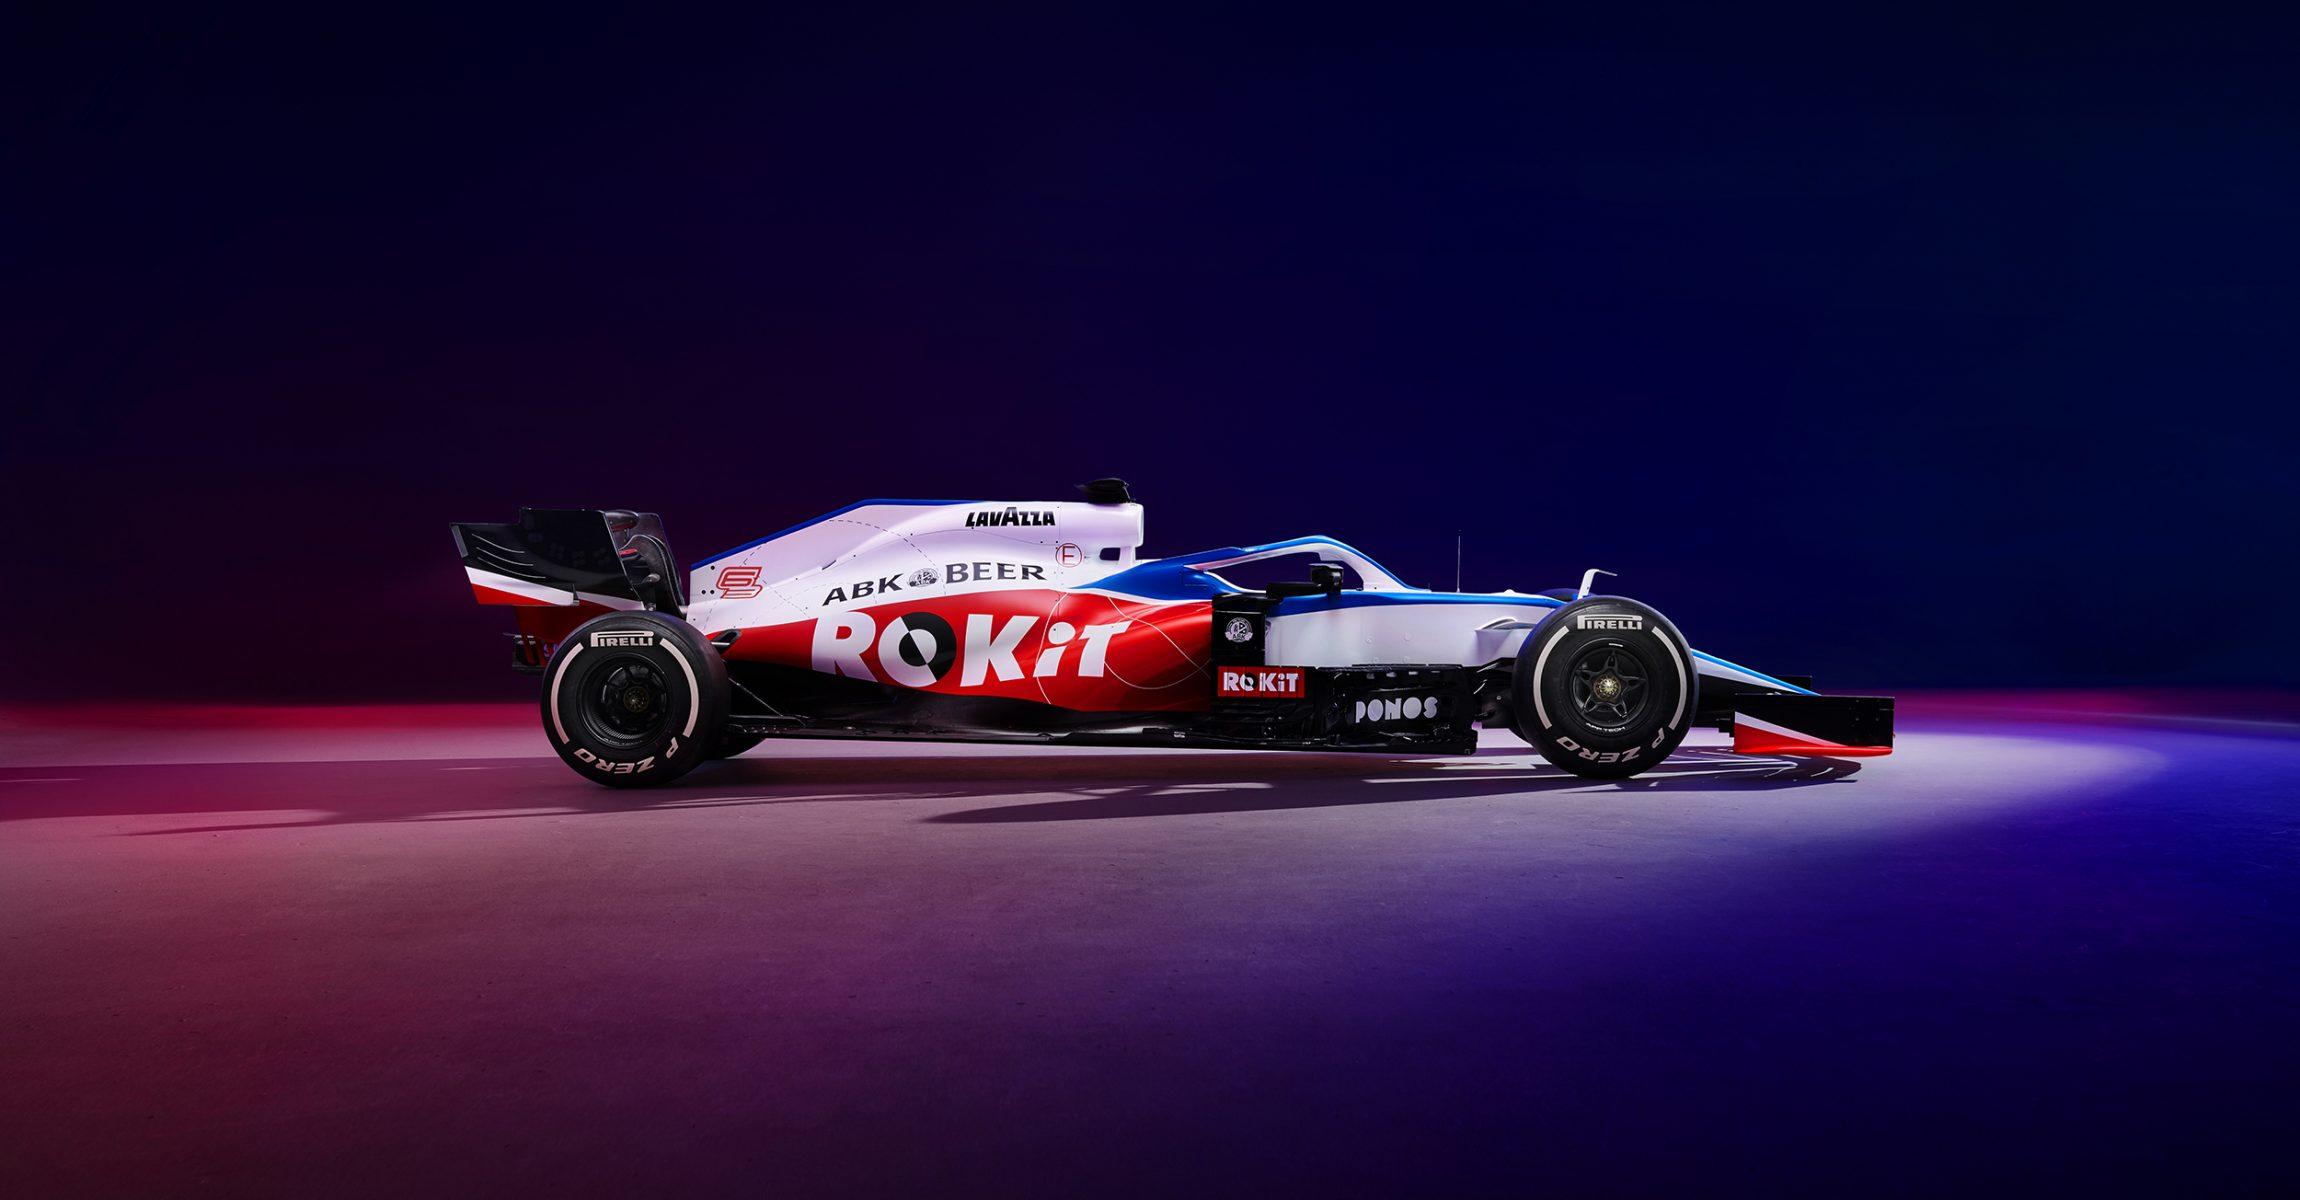 Williams FW43 2020 car